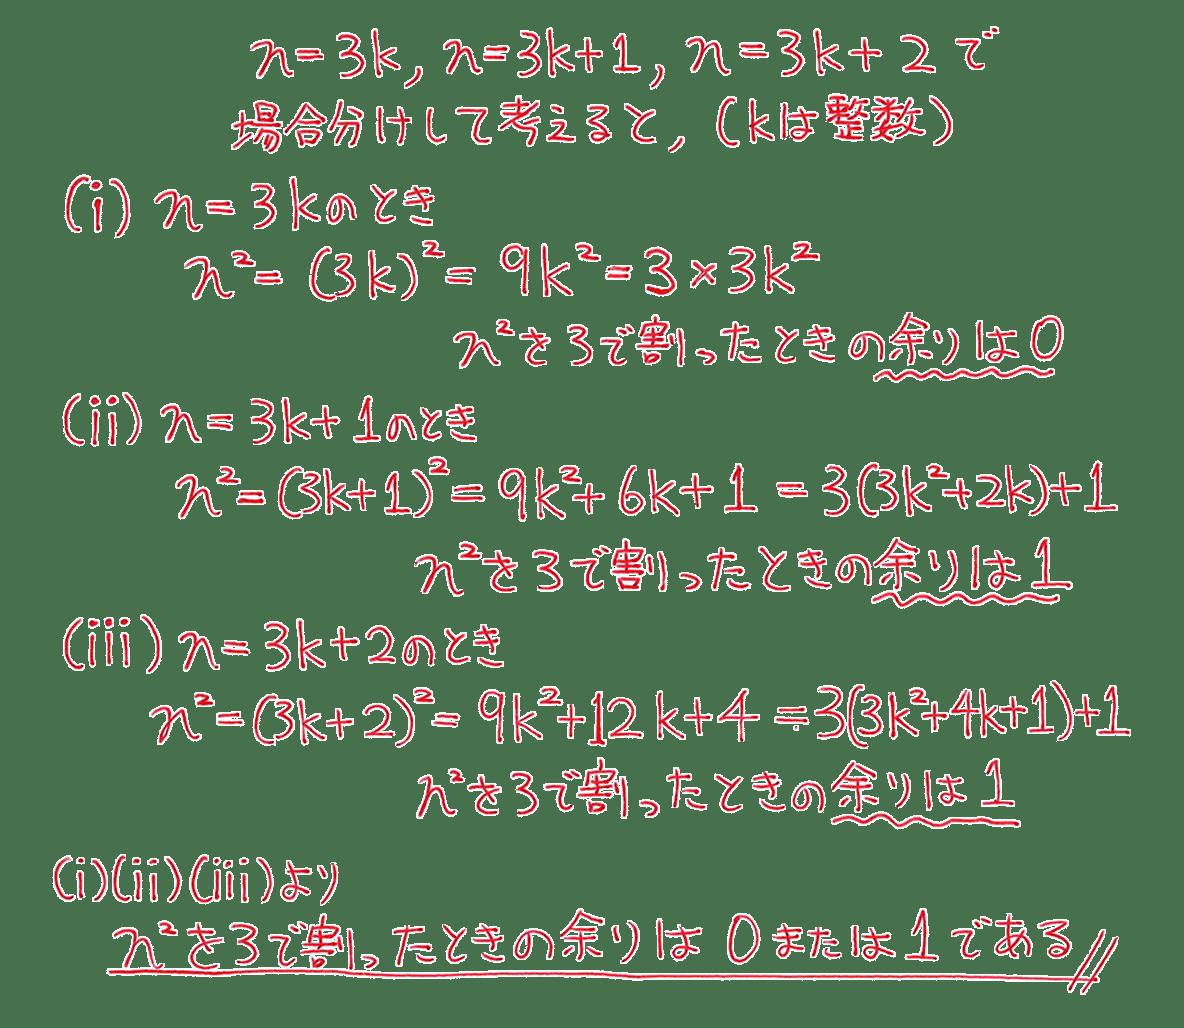 高校数学A 整数の性質24 例題の答え すべて